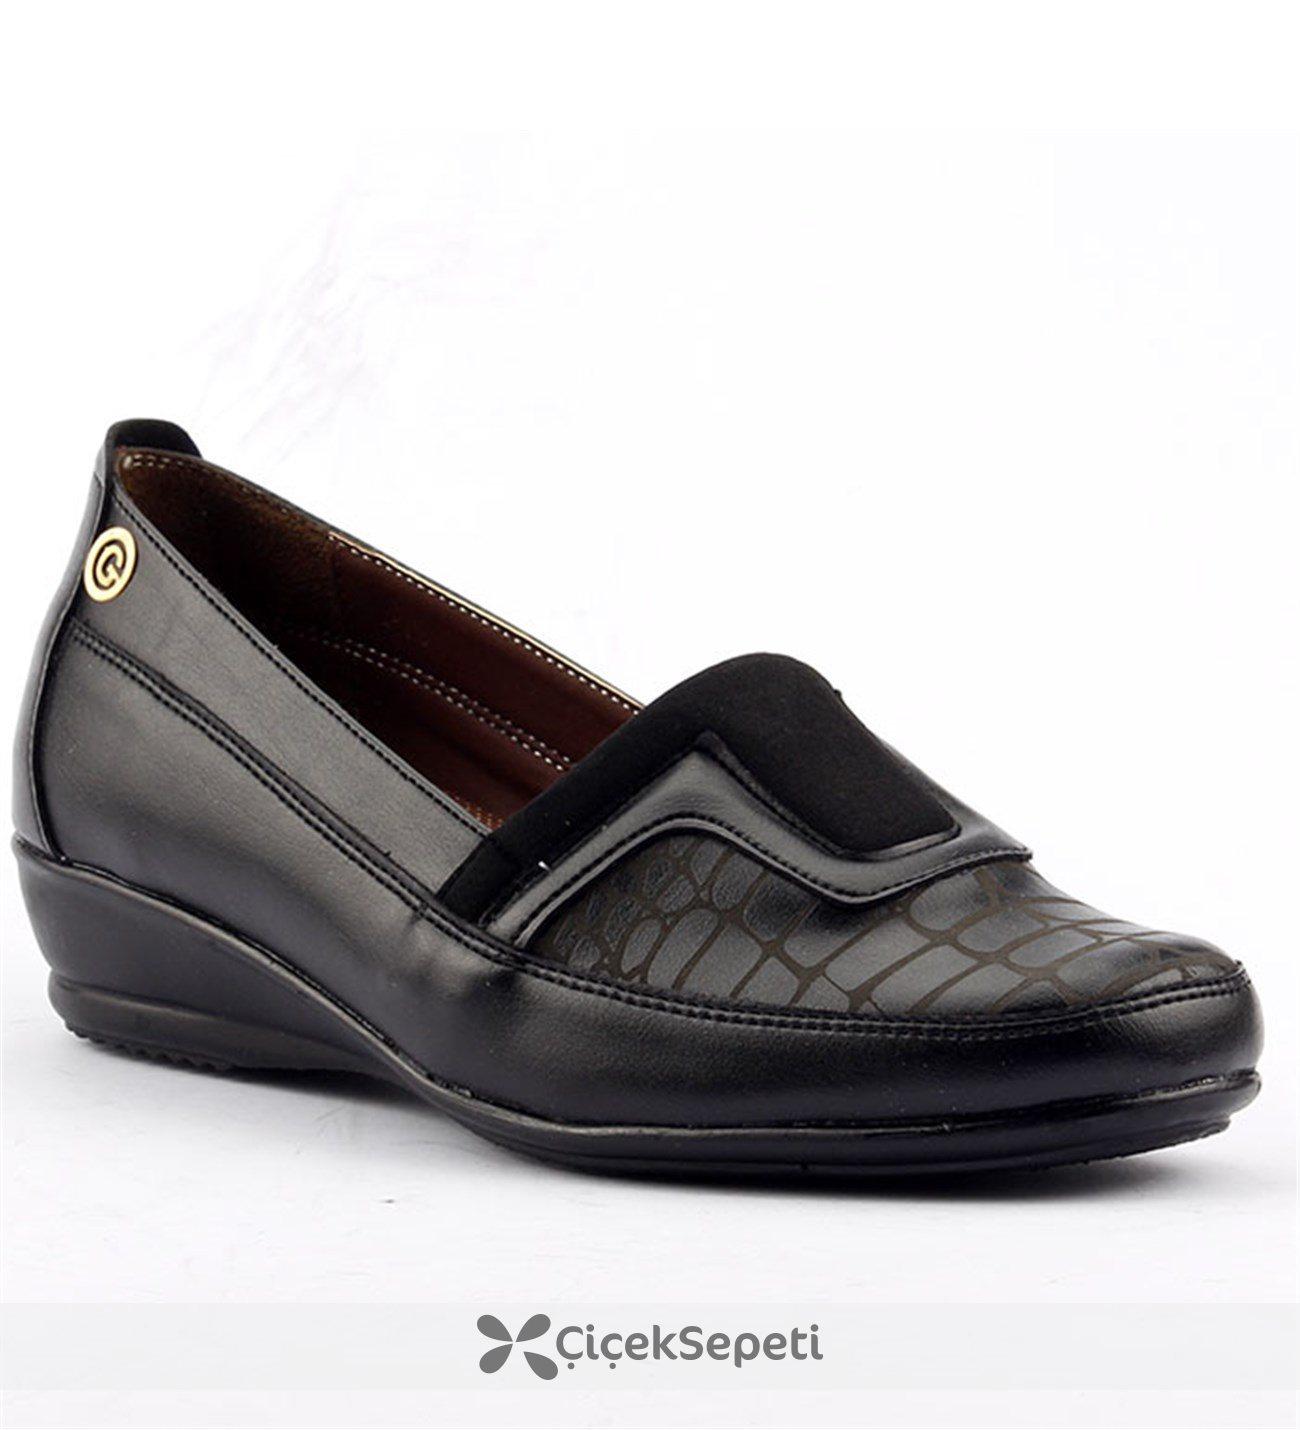 Ayakland 107 Yumuşak Taban Anne Bayan Klasik Ayakkabı Kahverengi